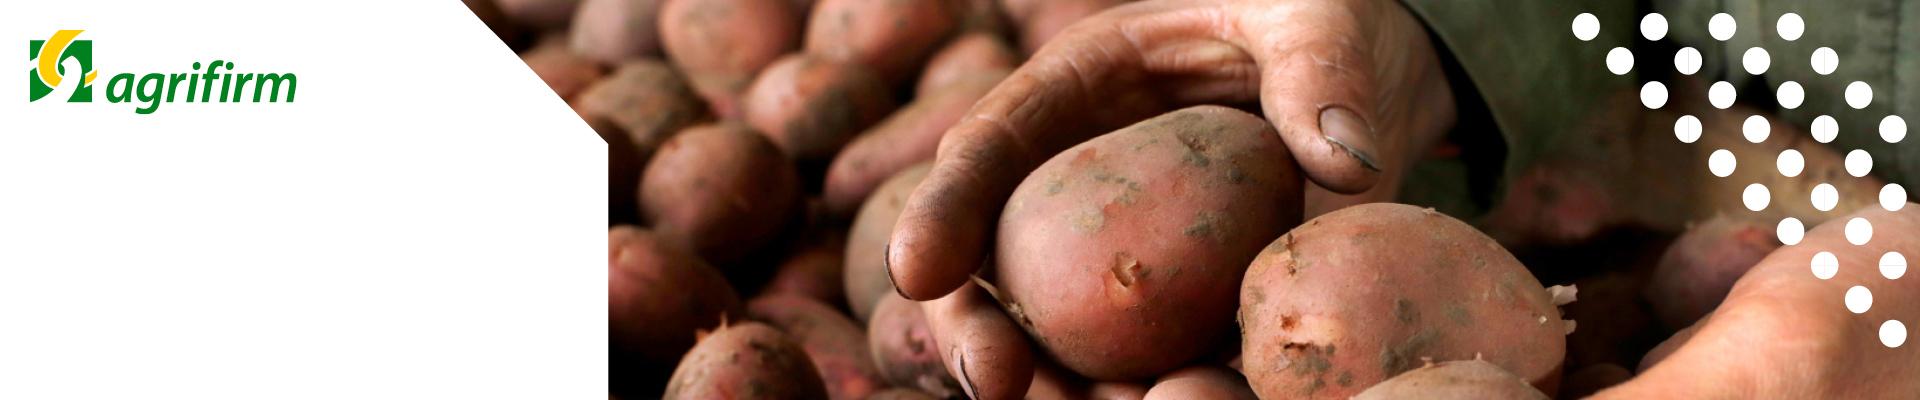 Kennisbijeenkomst aardapelbewaring regio Zuid